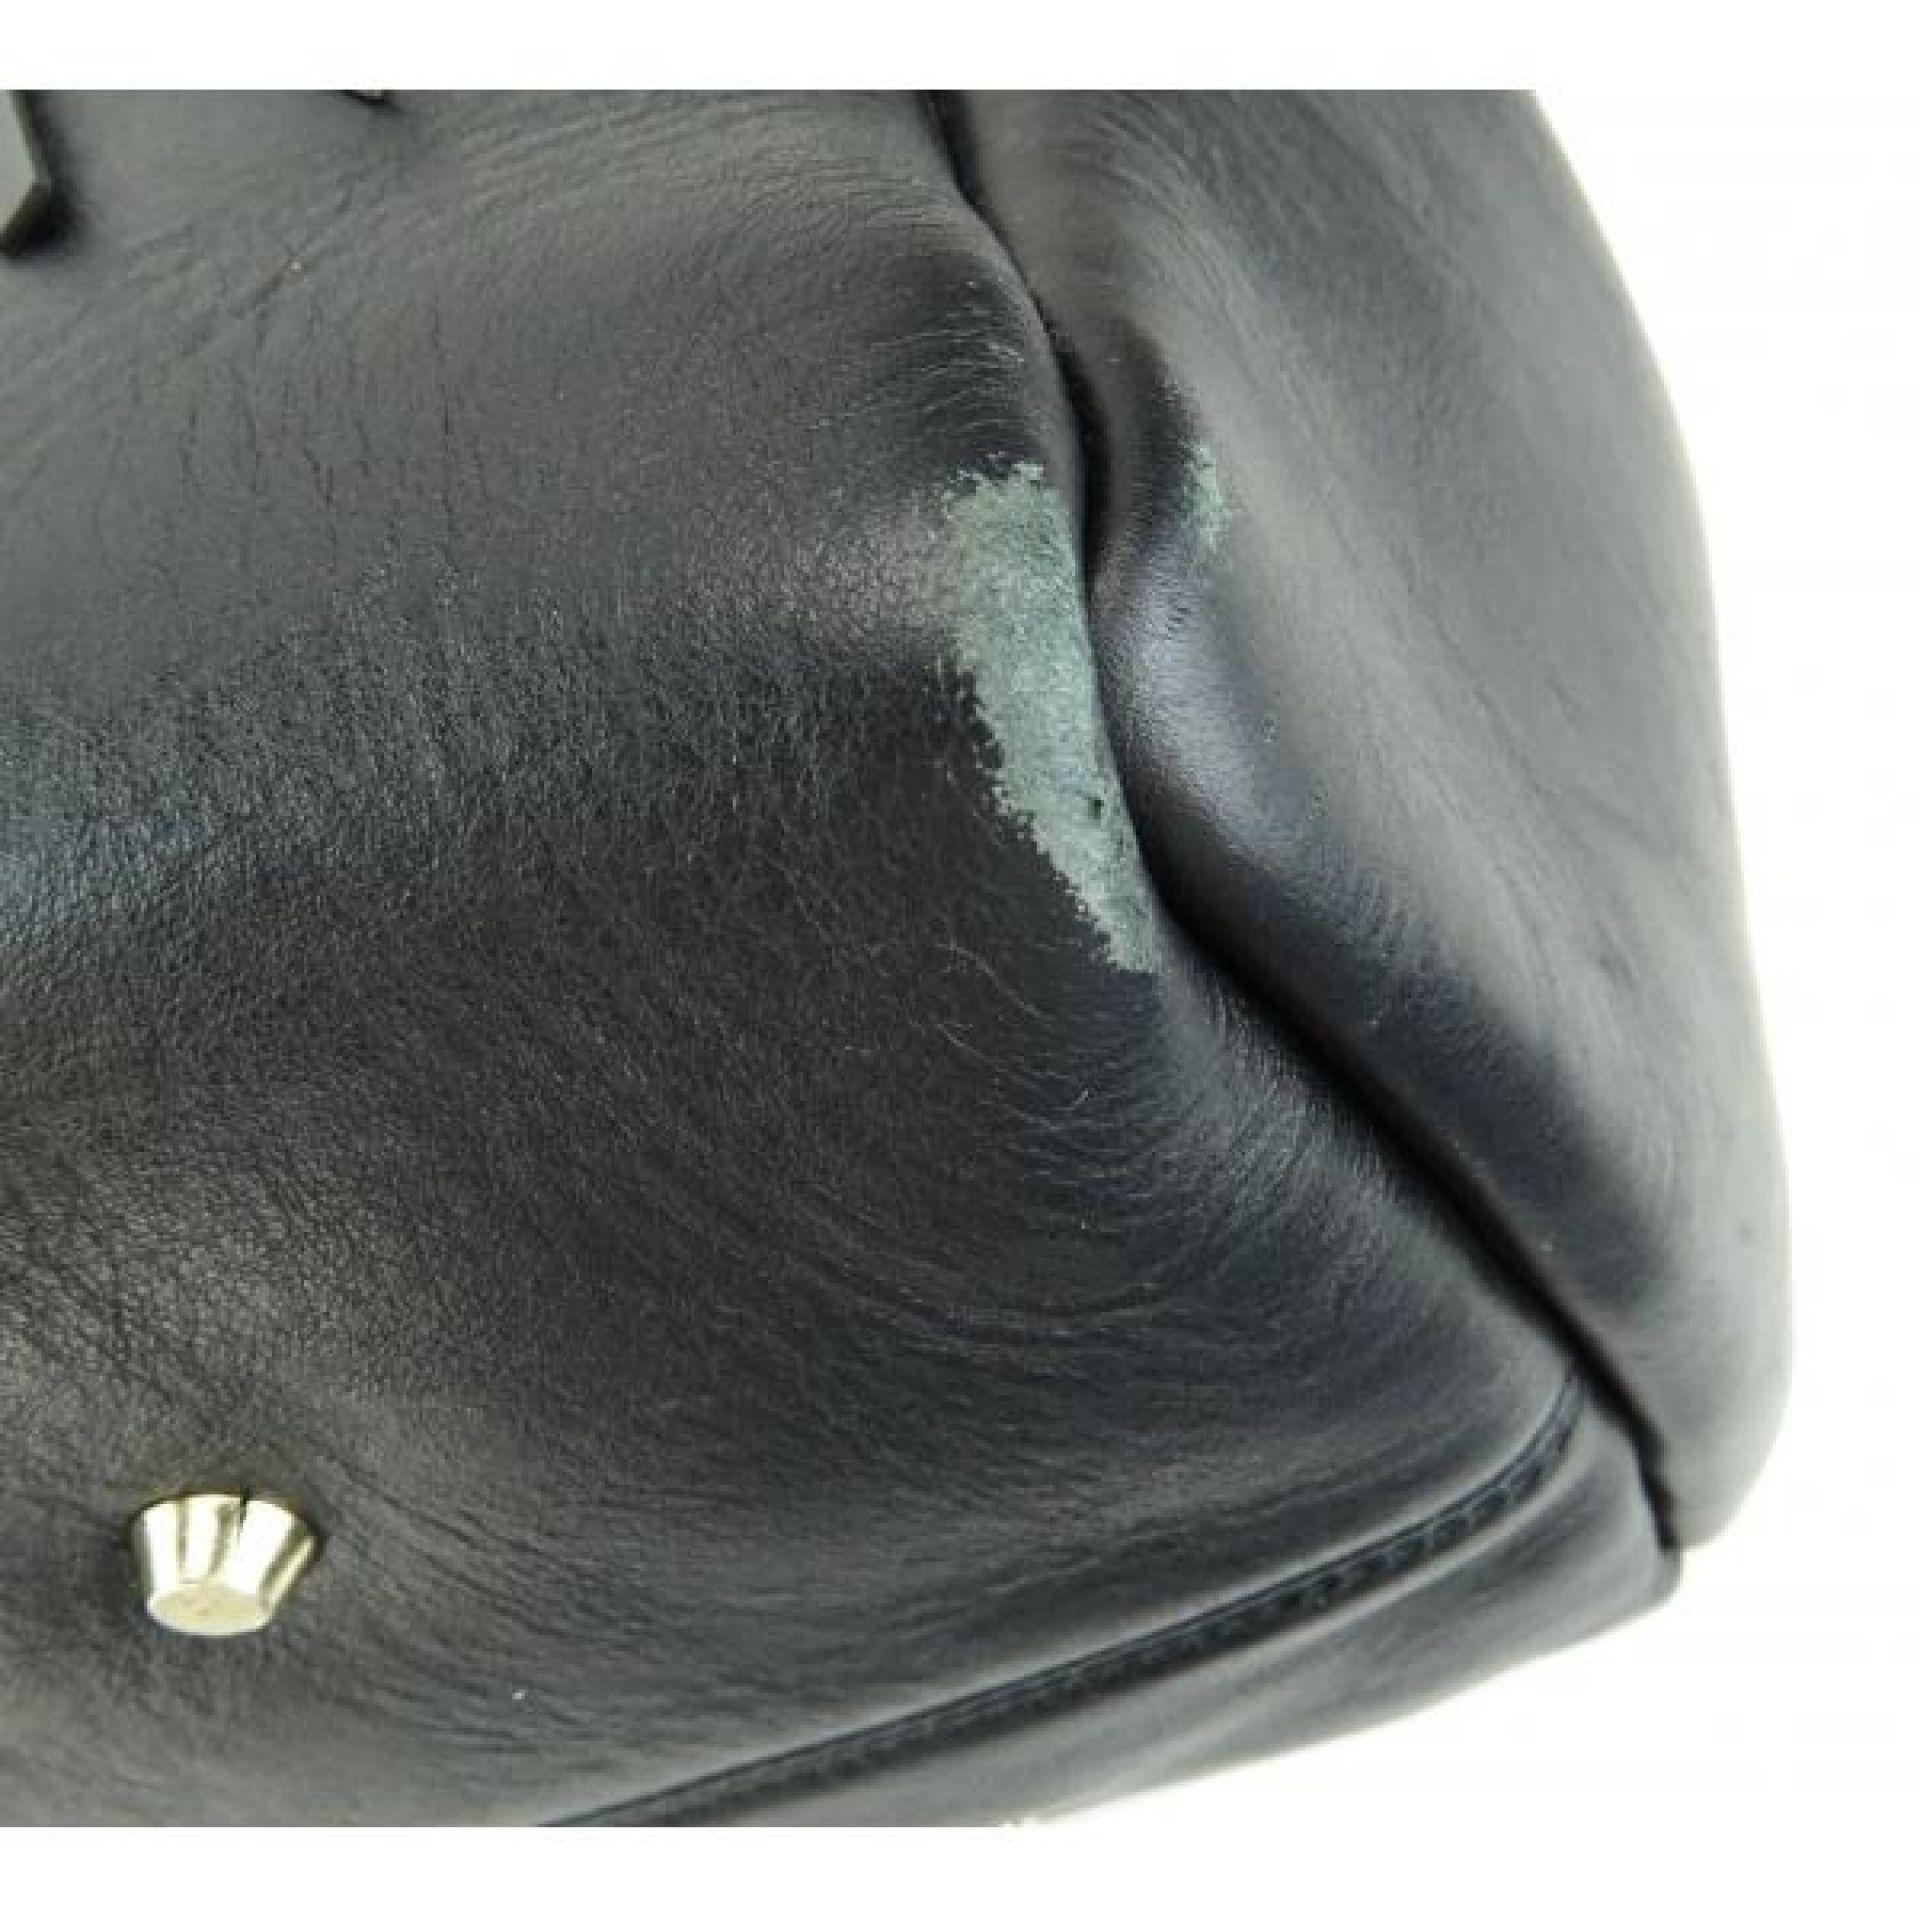 Lanvin Black Leather Fringe Extra Large Shopper Tote Bag